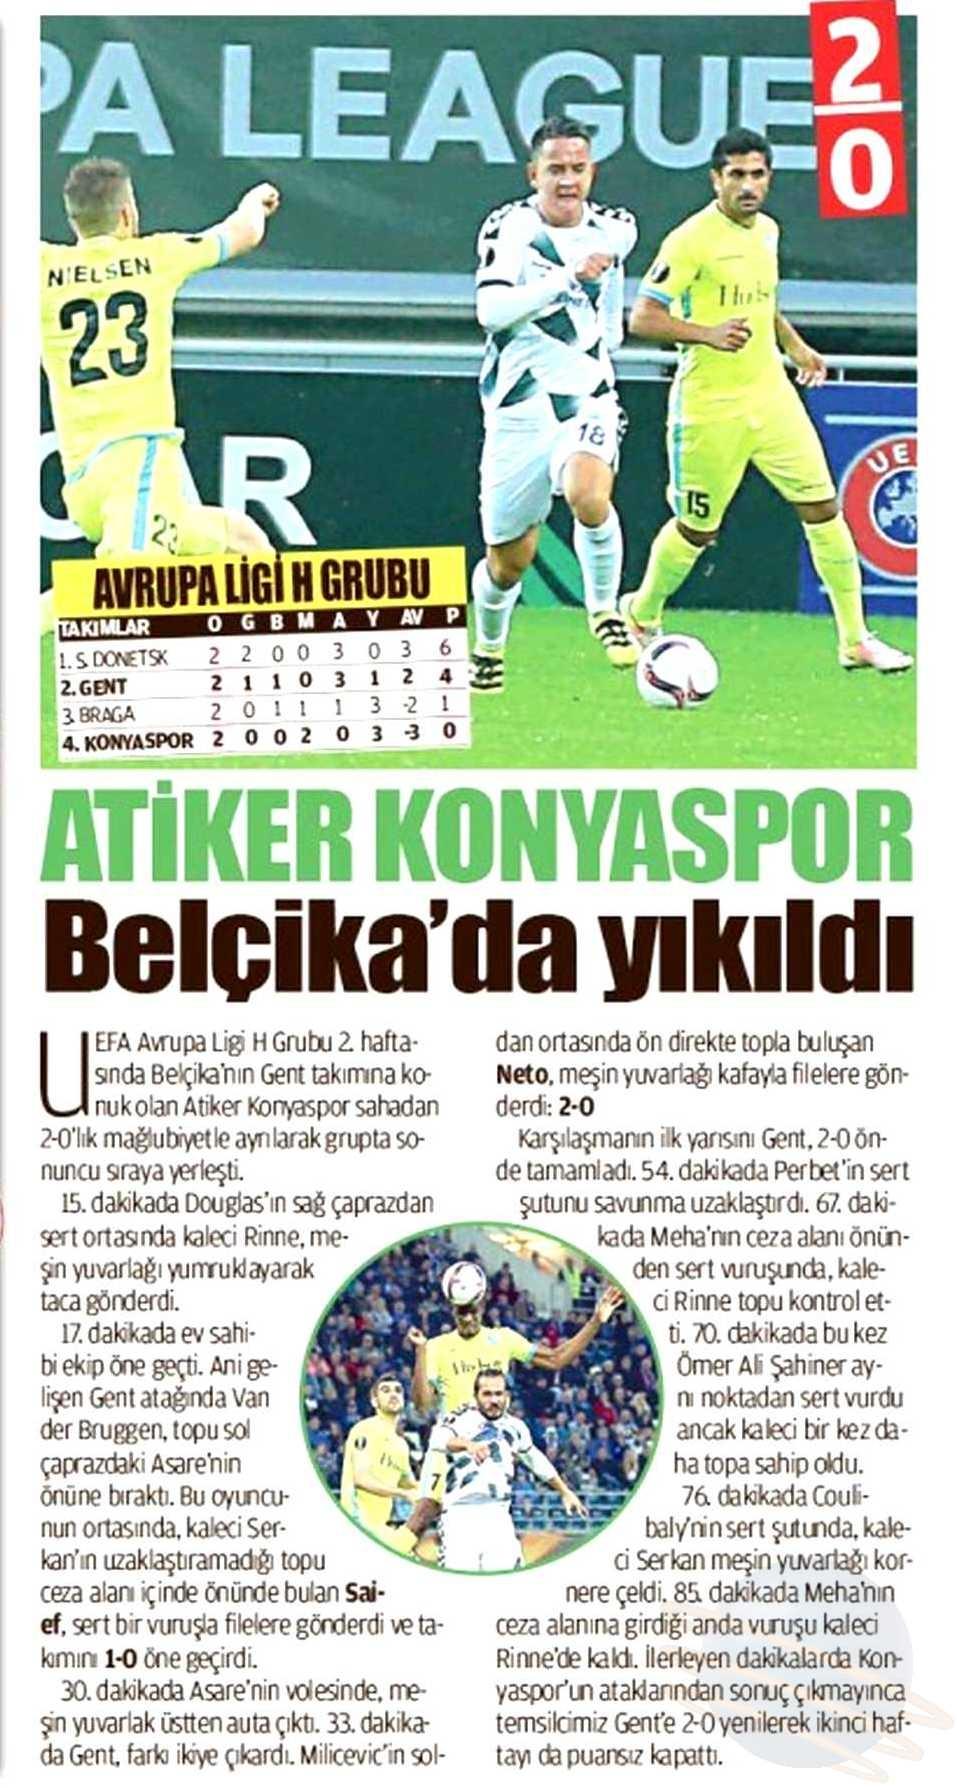 KAA Gent-Atiker Konyaspor maçının basına yansımaları 4